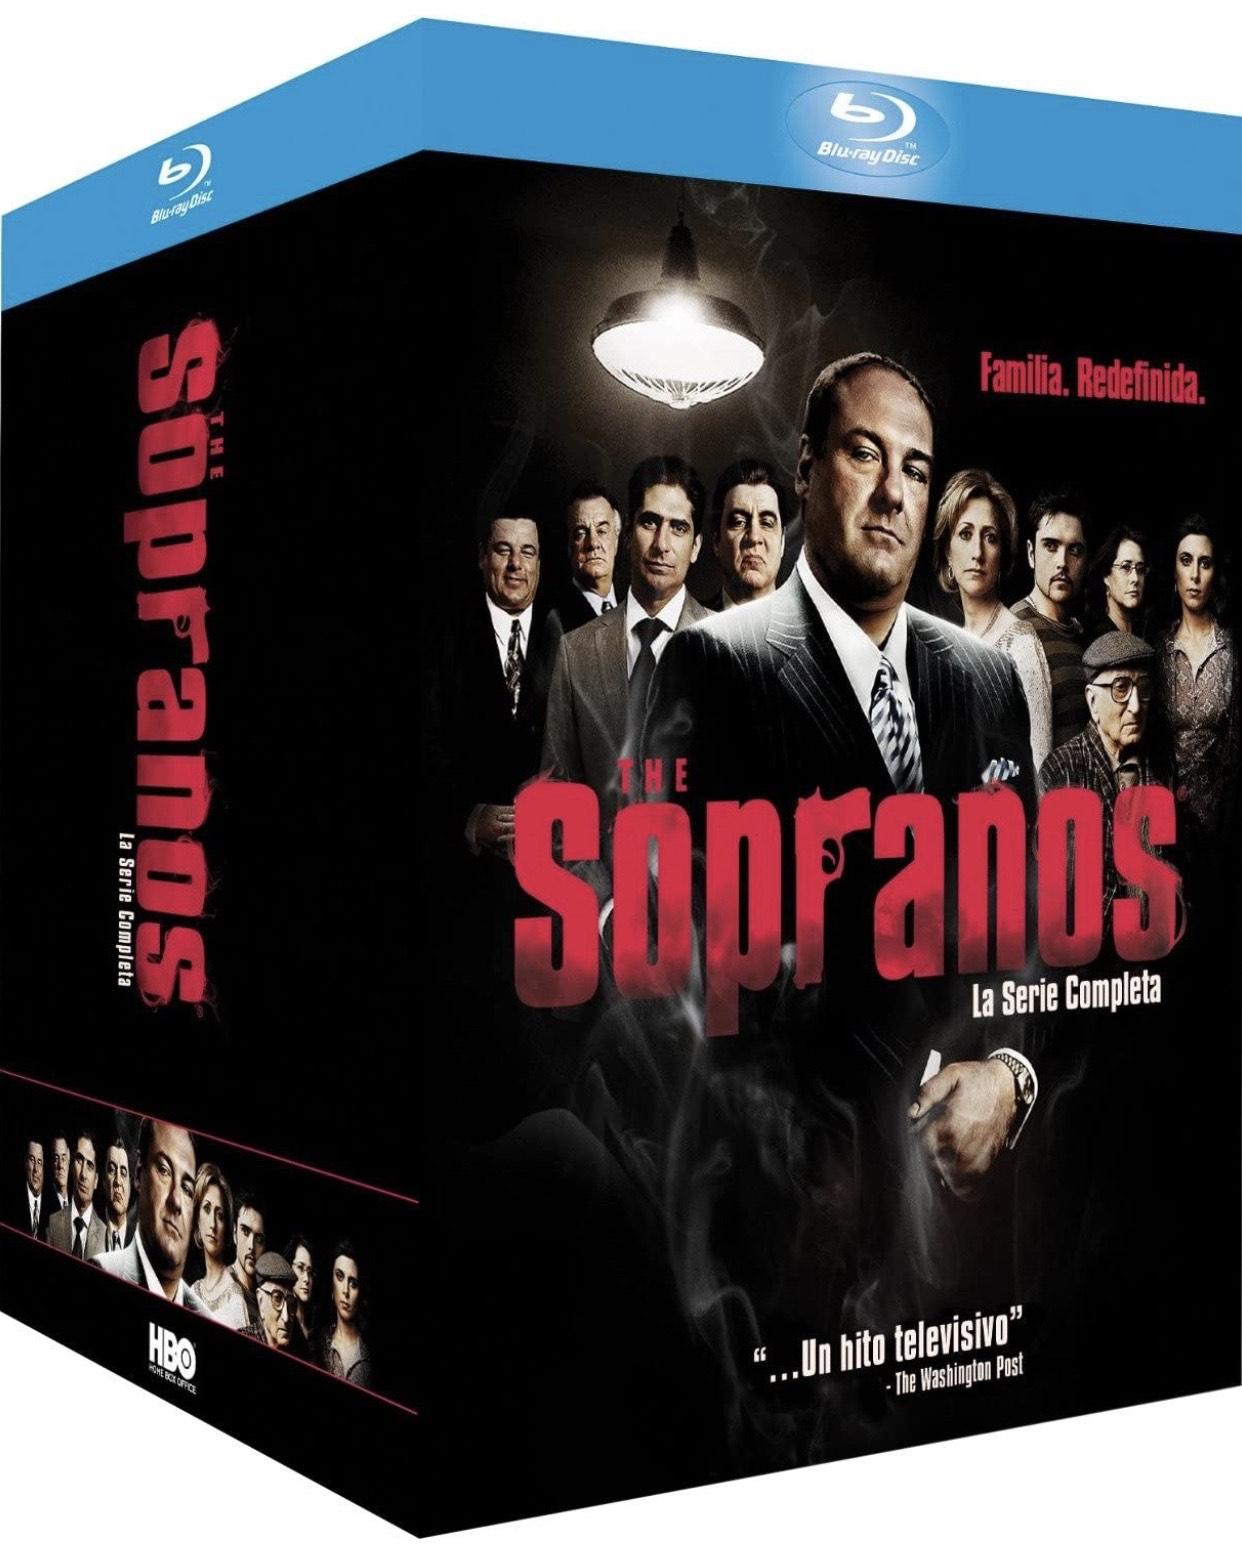 Los Soprano (Serie Completa Bluray)